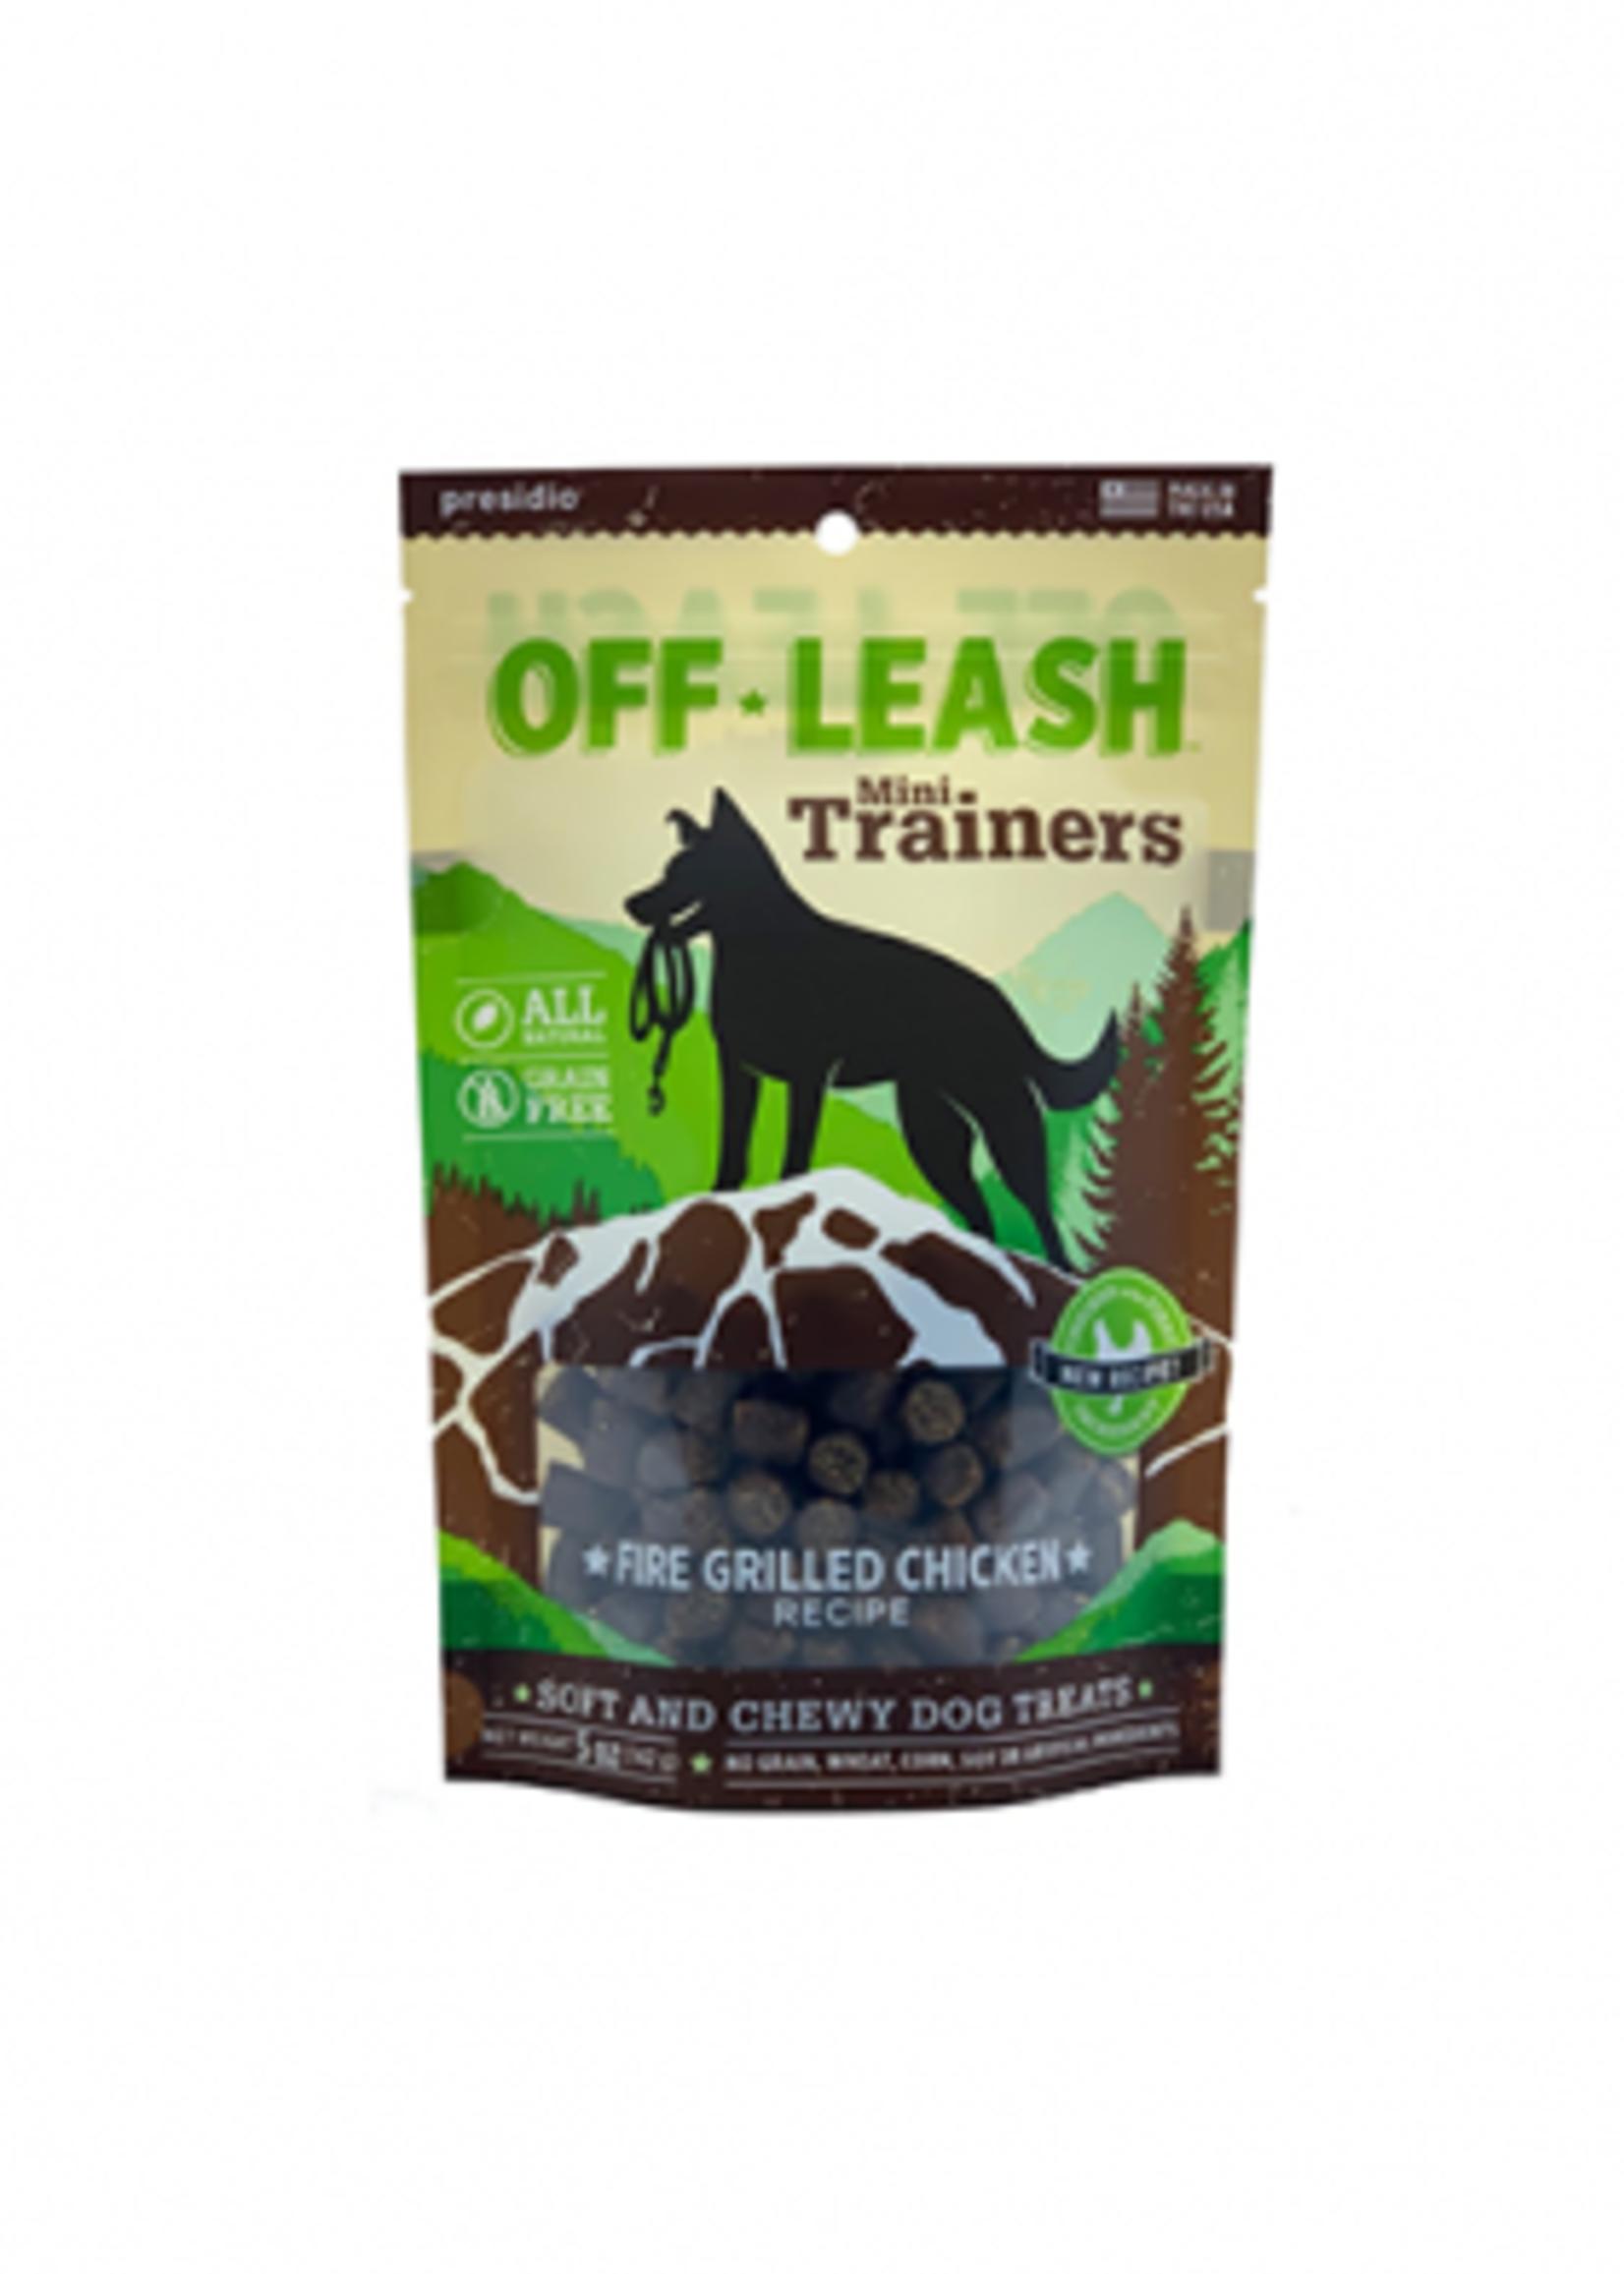 Off-Leash™ Presidio Off-Leash Mini Trainers Fire Grilled Chicken 5oz